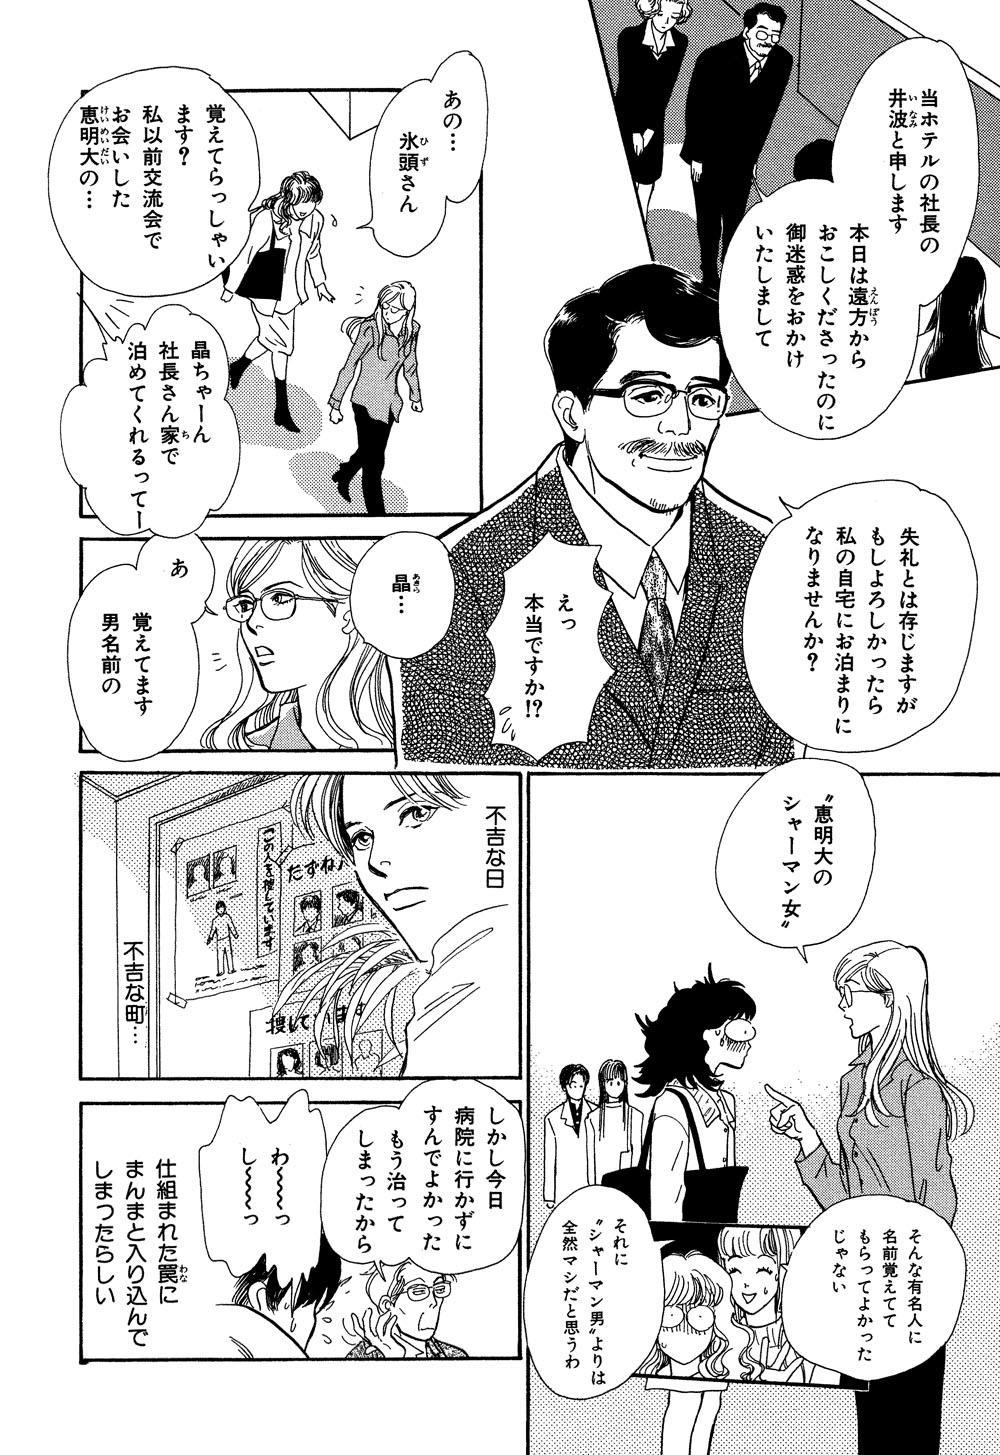 百鬼夜行抄_07_0030.jpg